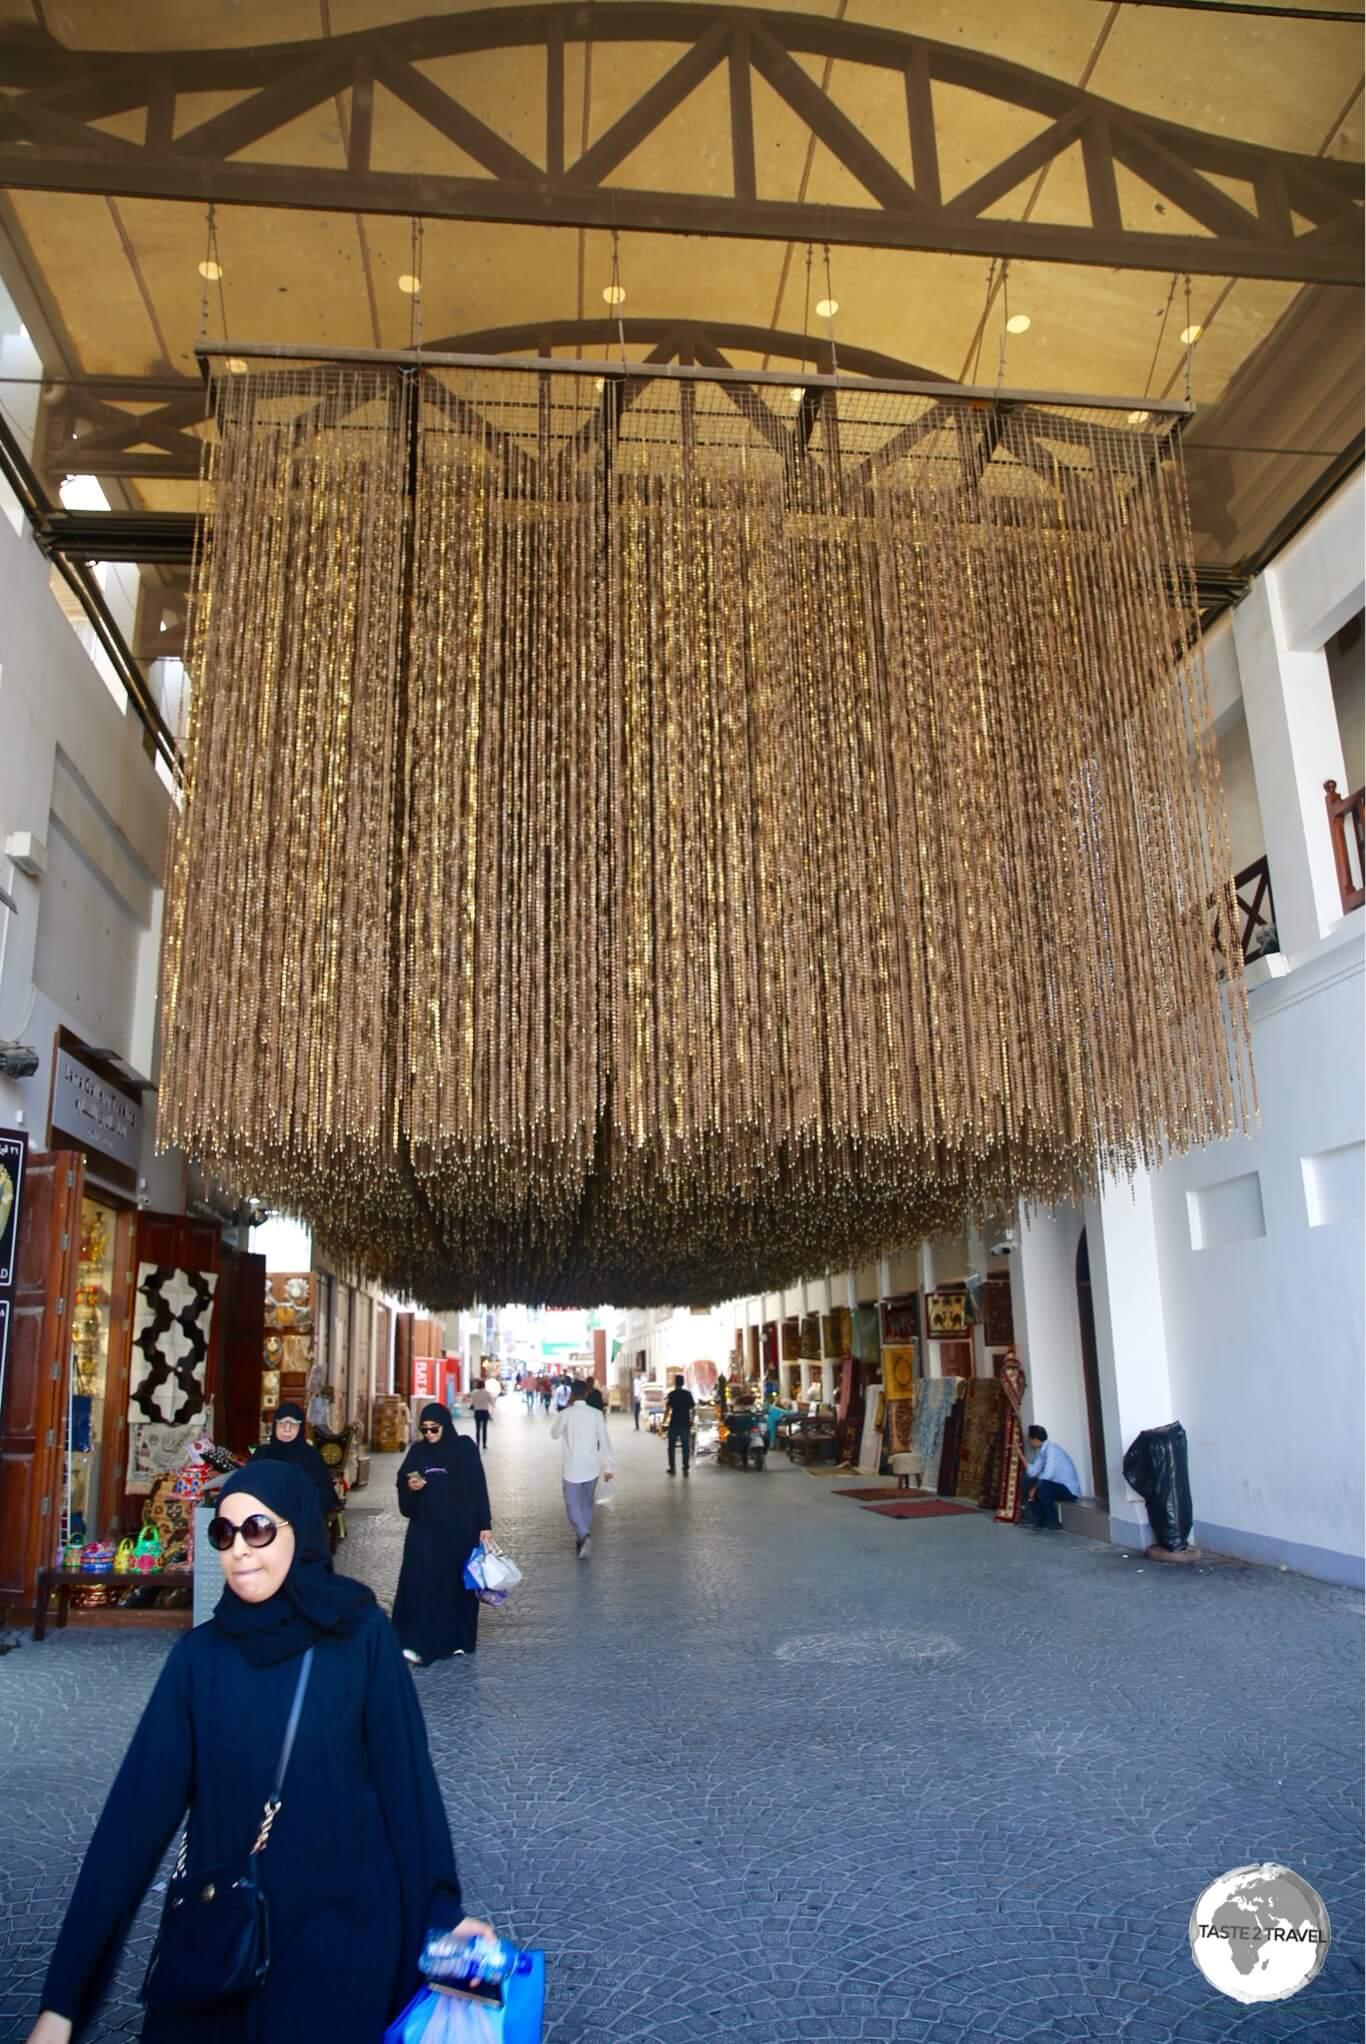 The entrance to Manama souk.